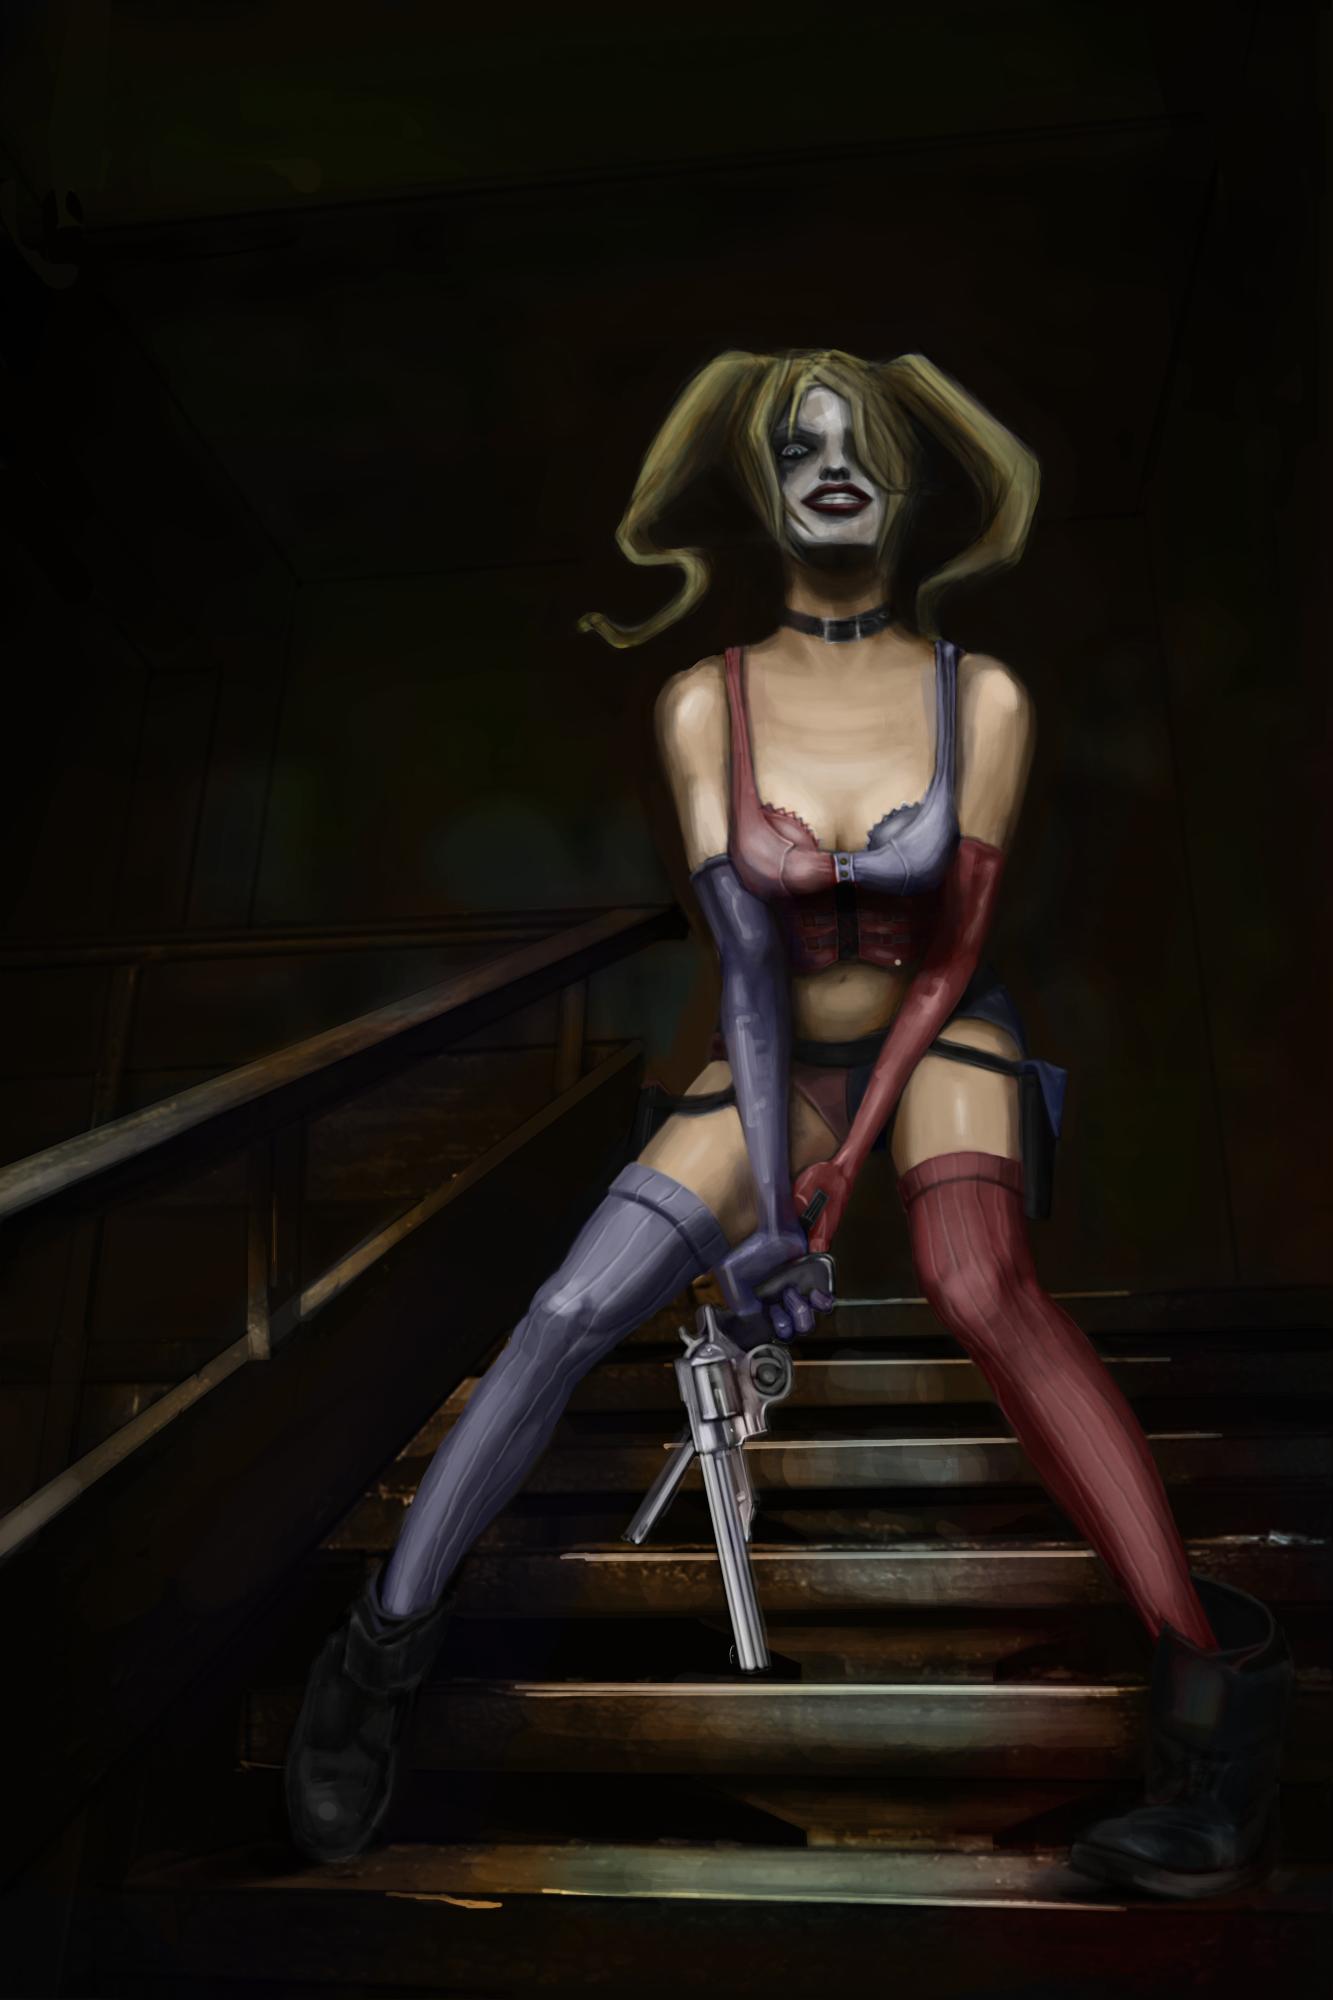 Harley Quinn by Vangega